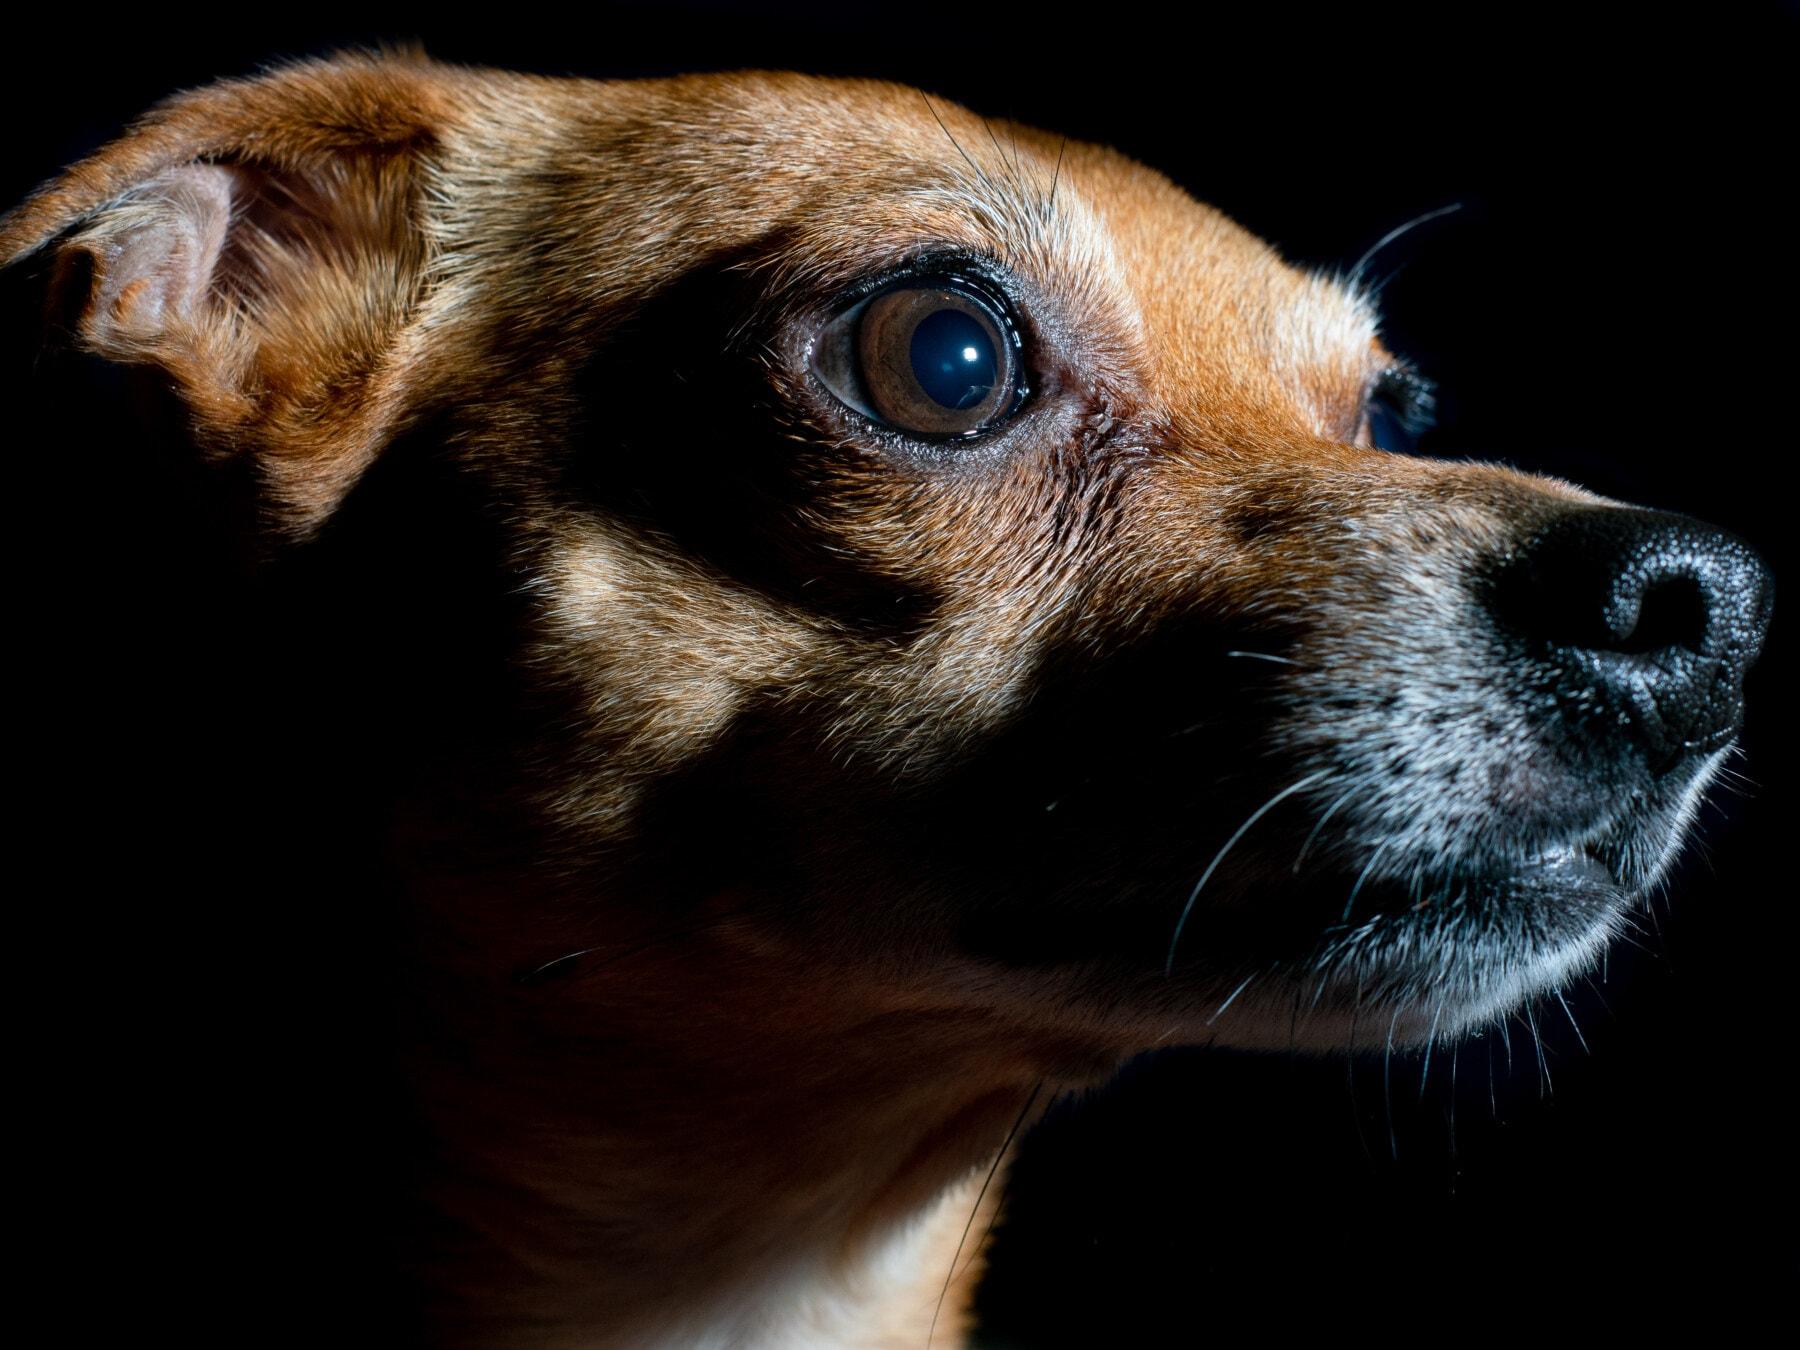 chien, fermer, Portrait, studio photo, œil, nez, brun clair, race, mignon, animal de compagnie